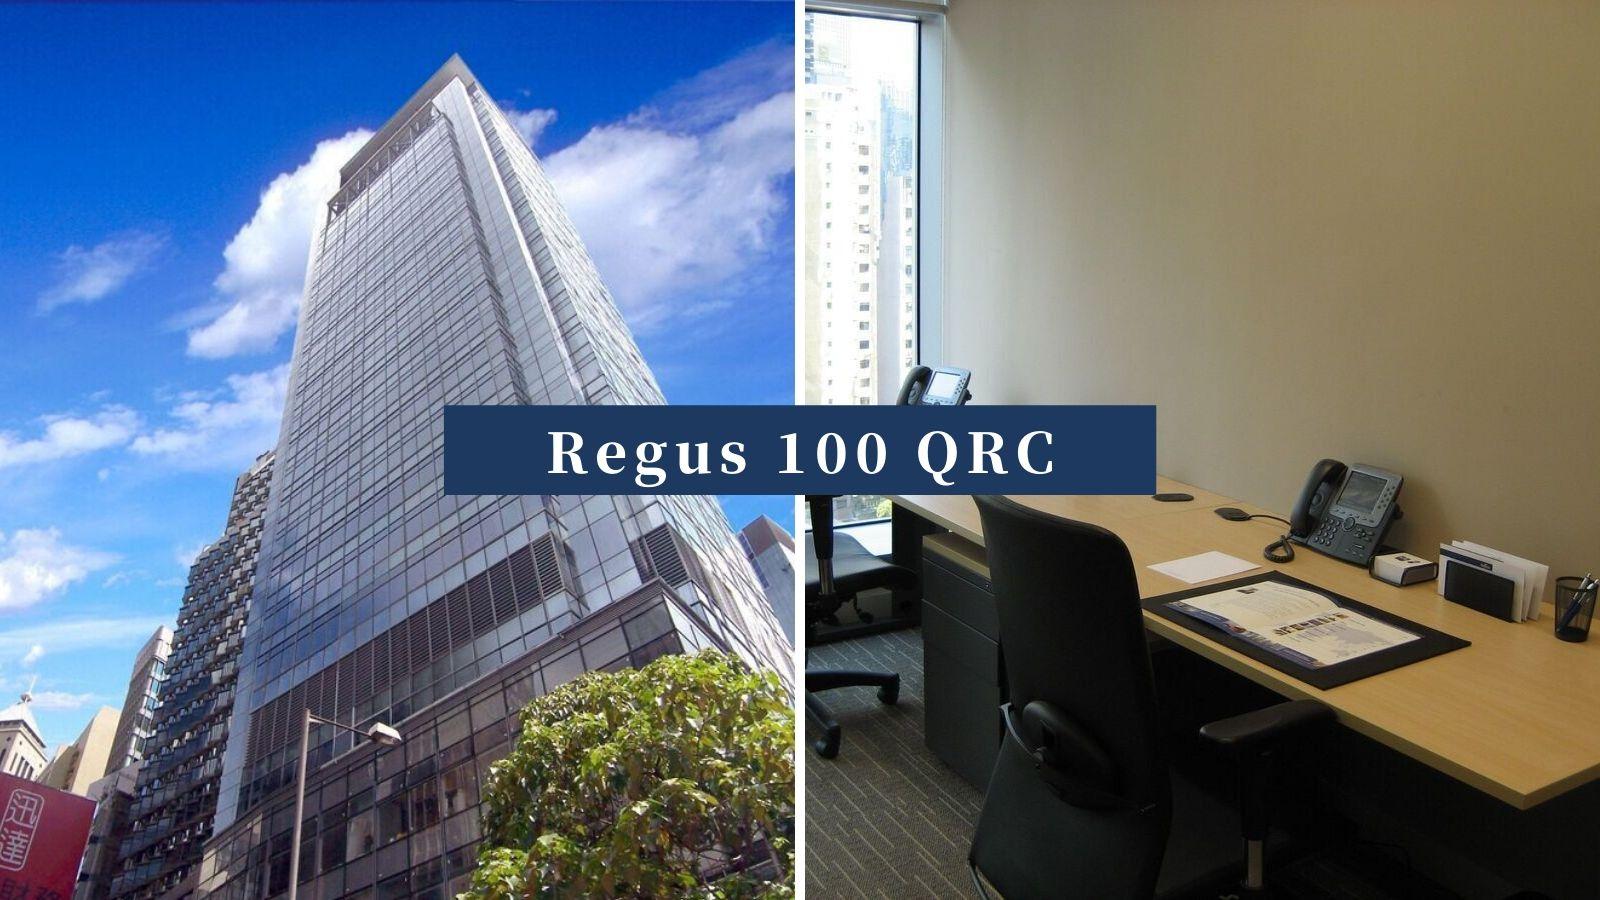 Regus 100 QRC